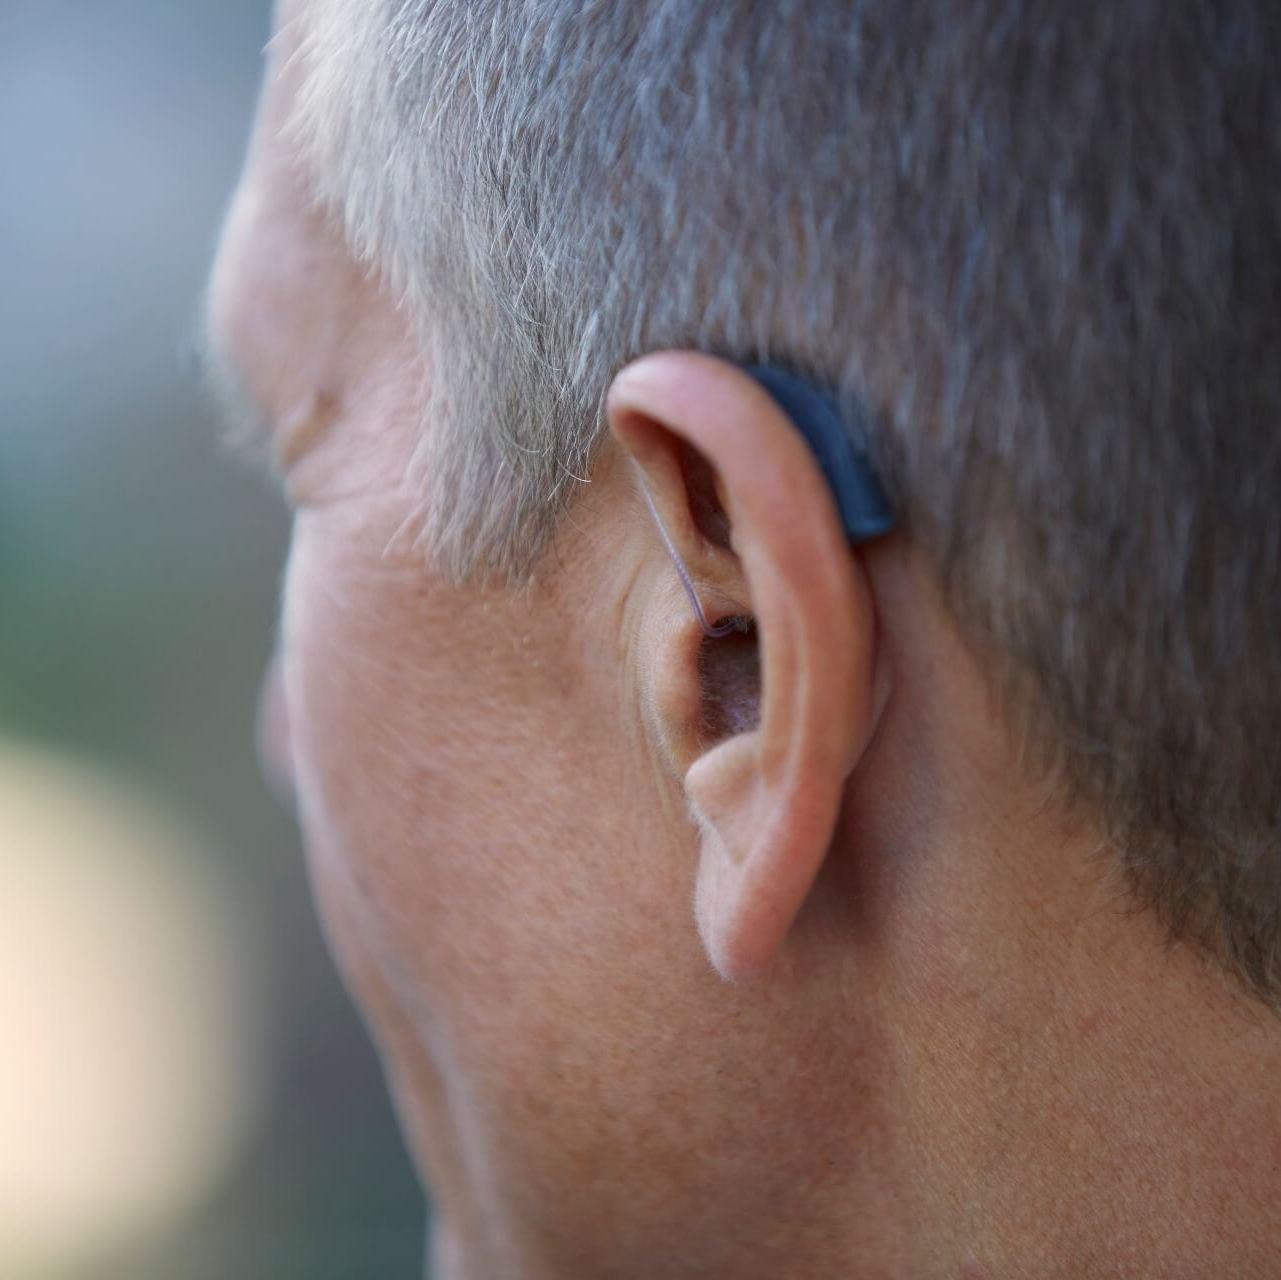 audifono BTE en oreja